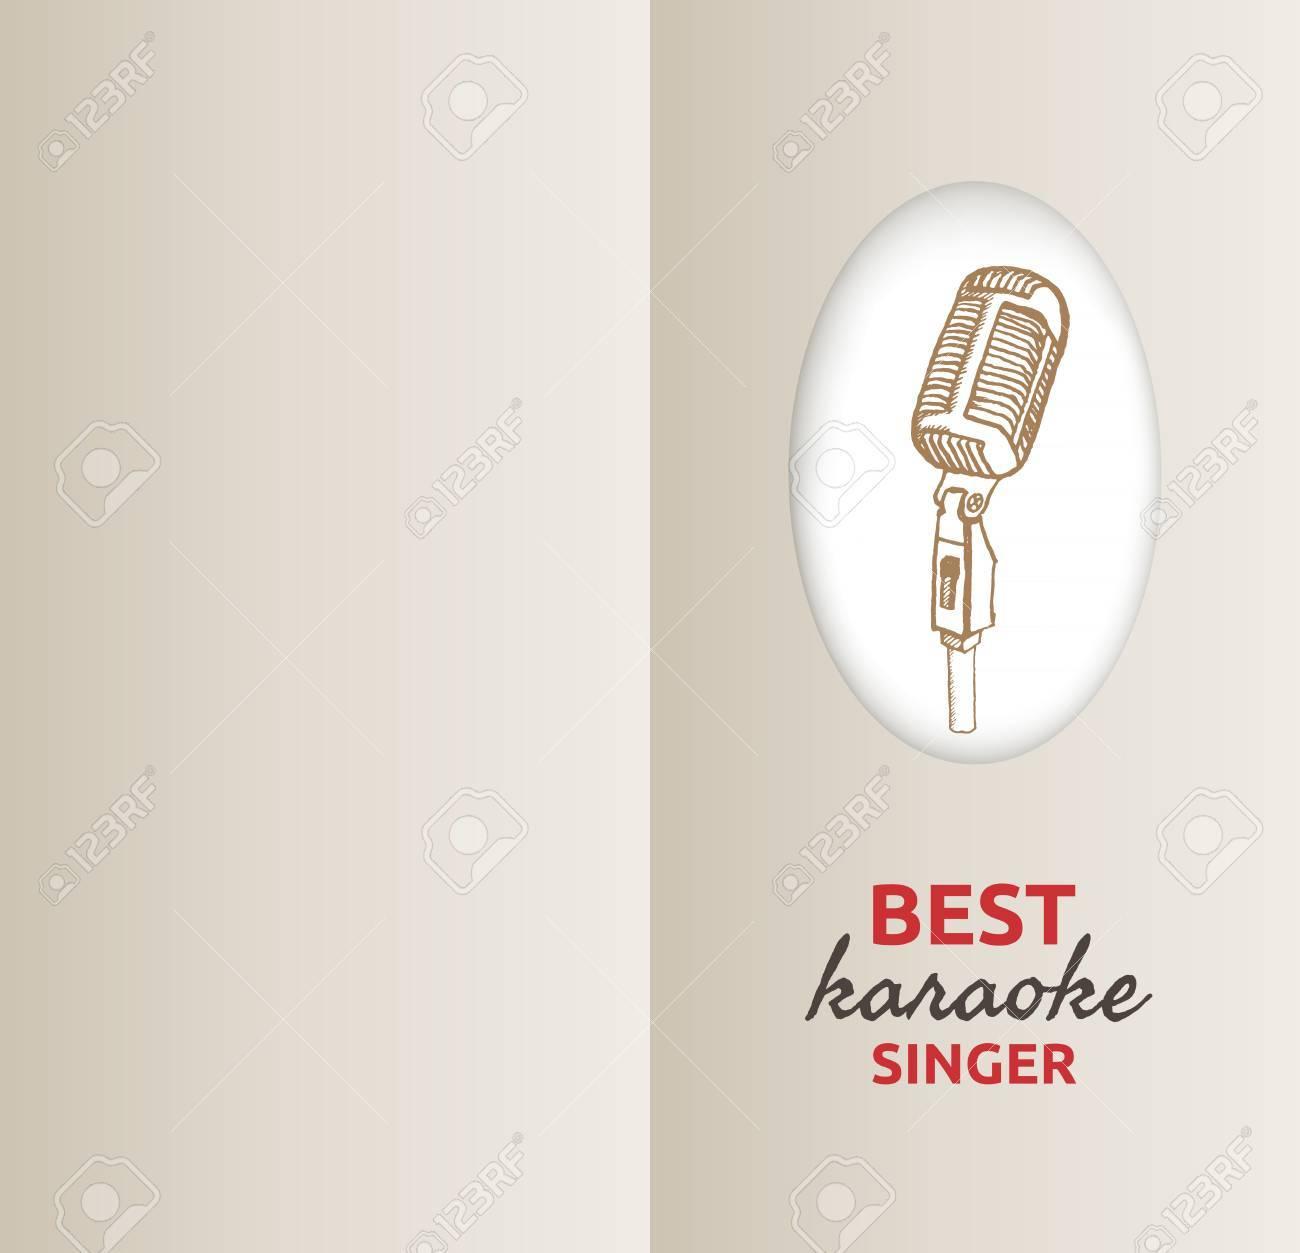 Fondo Retro Micrófono Ilustración De La Vendimia Adecuado Para La Tarjeta De Felicitación La Invitación A La Fiesta De La Noche De Karaoke